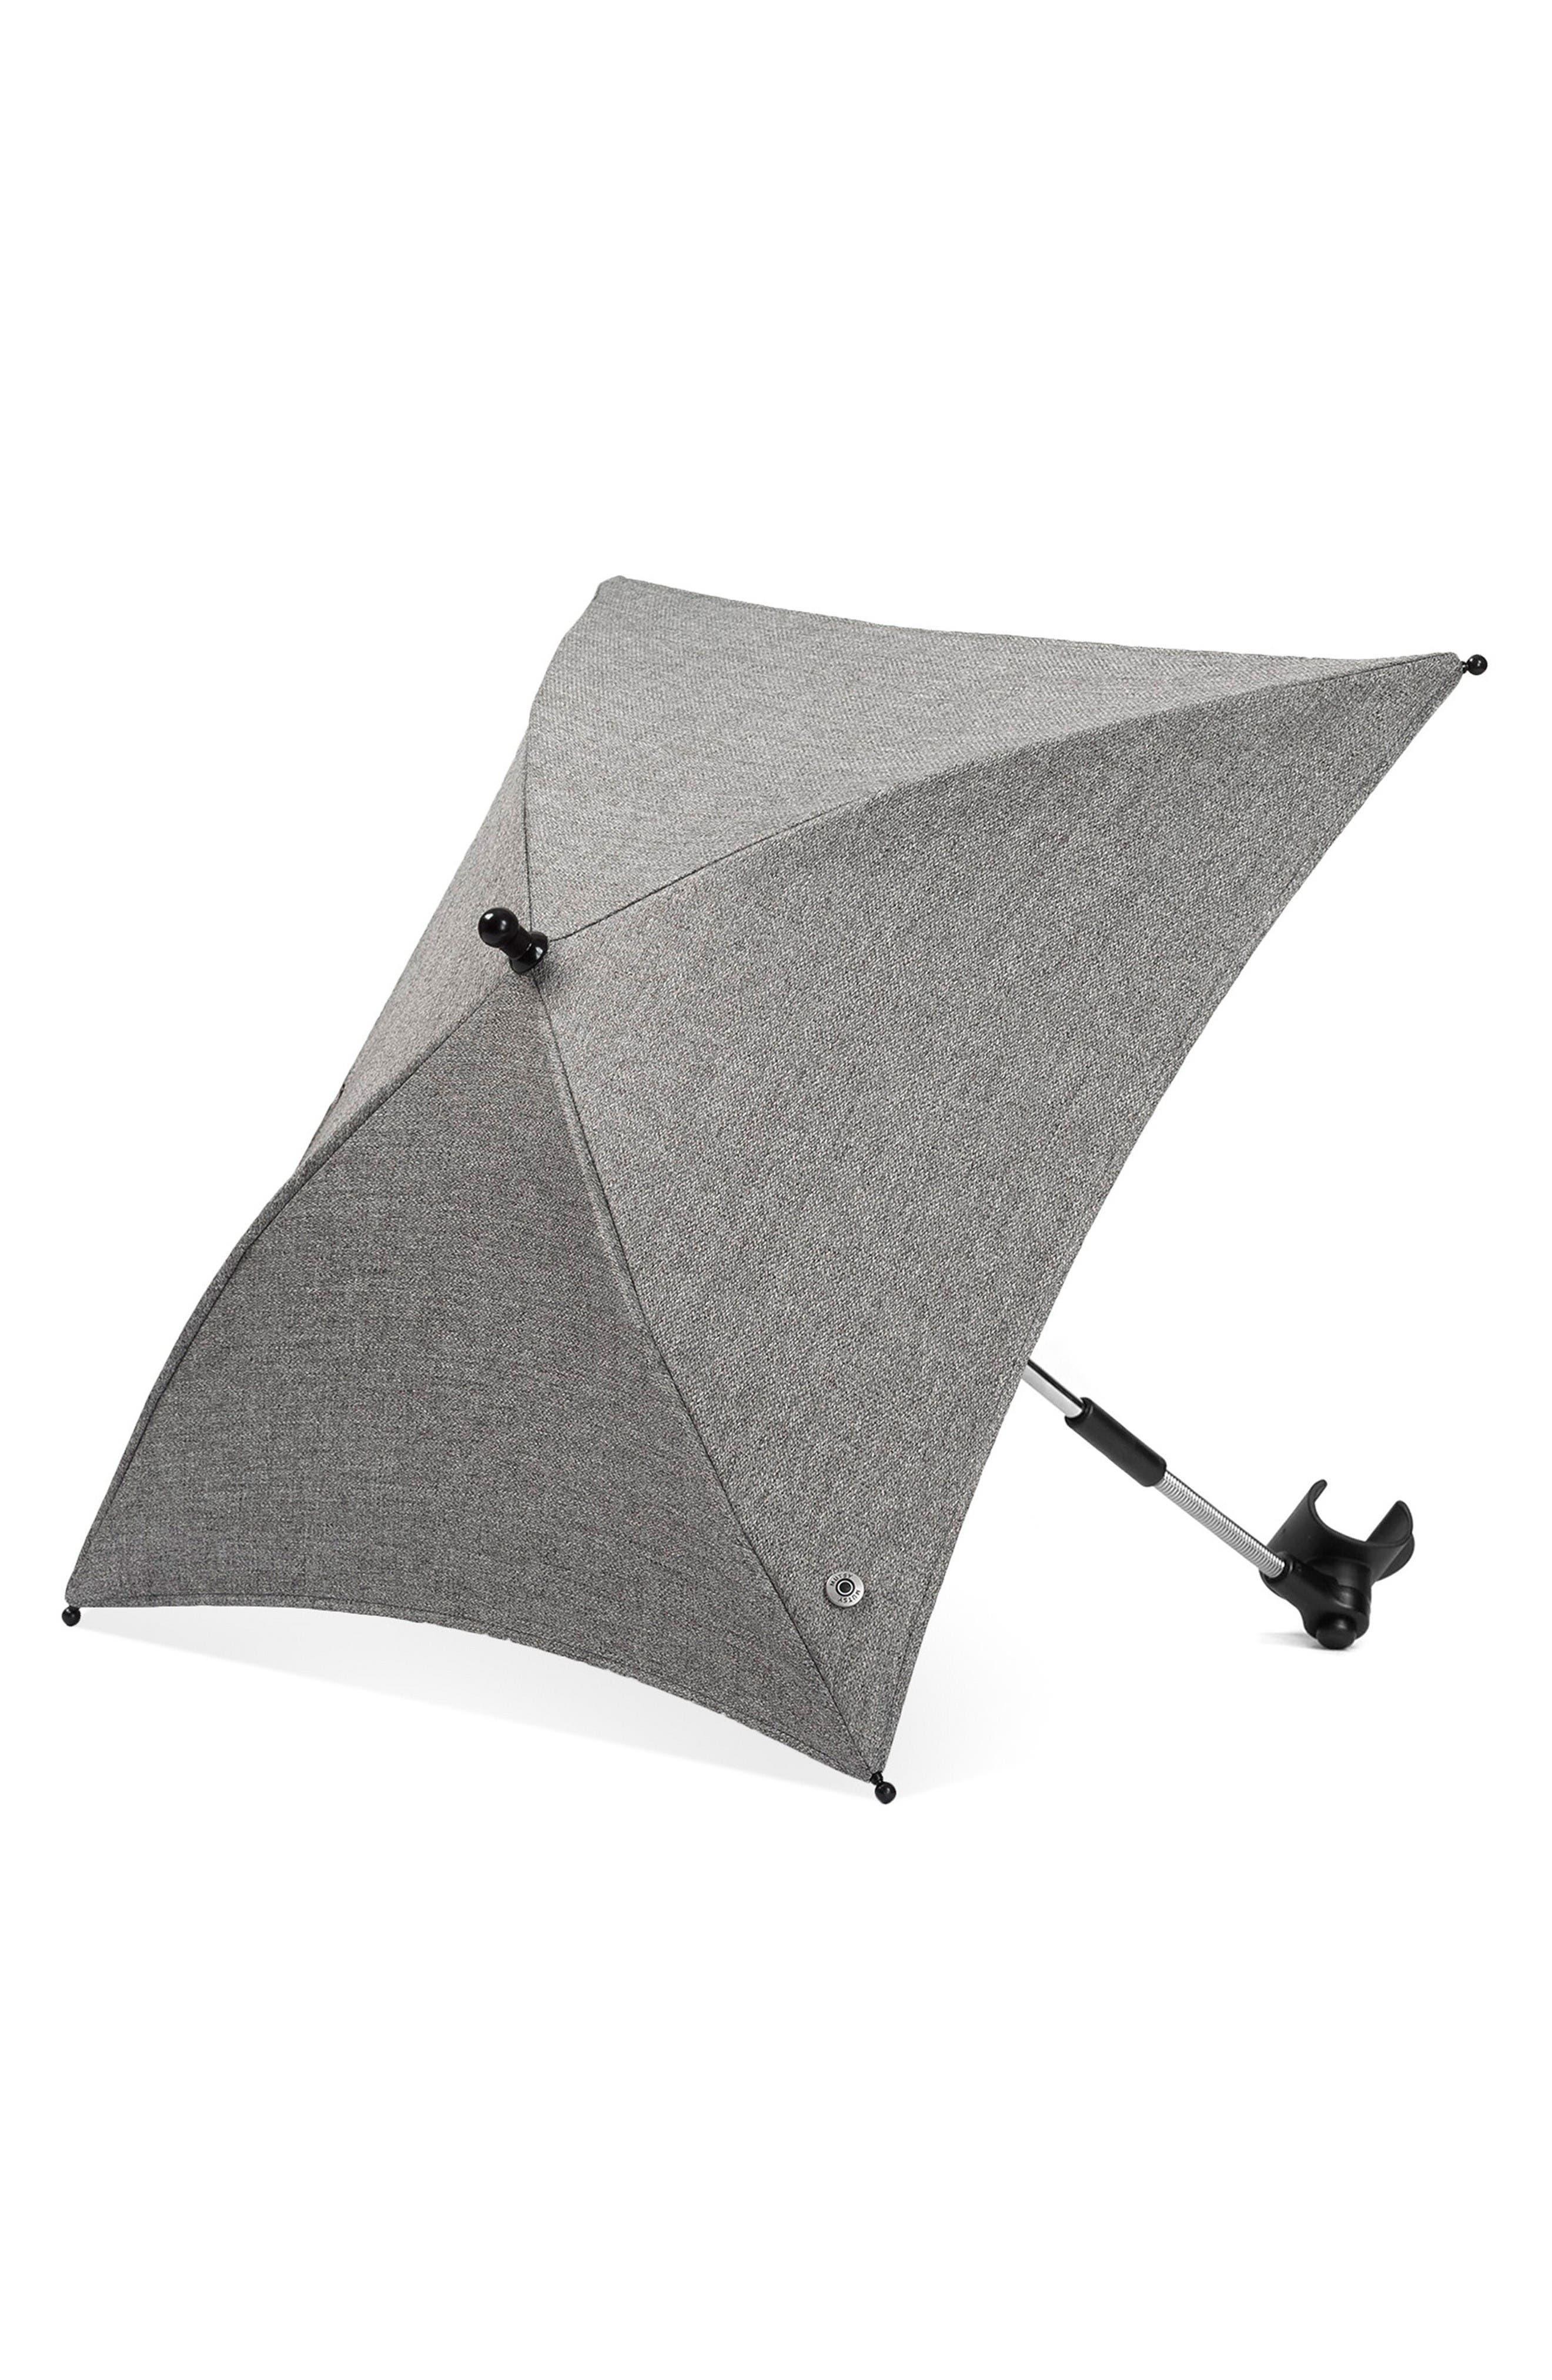 Igo - Heritage Stroller Umbrella,                         Main,                         color, Grey